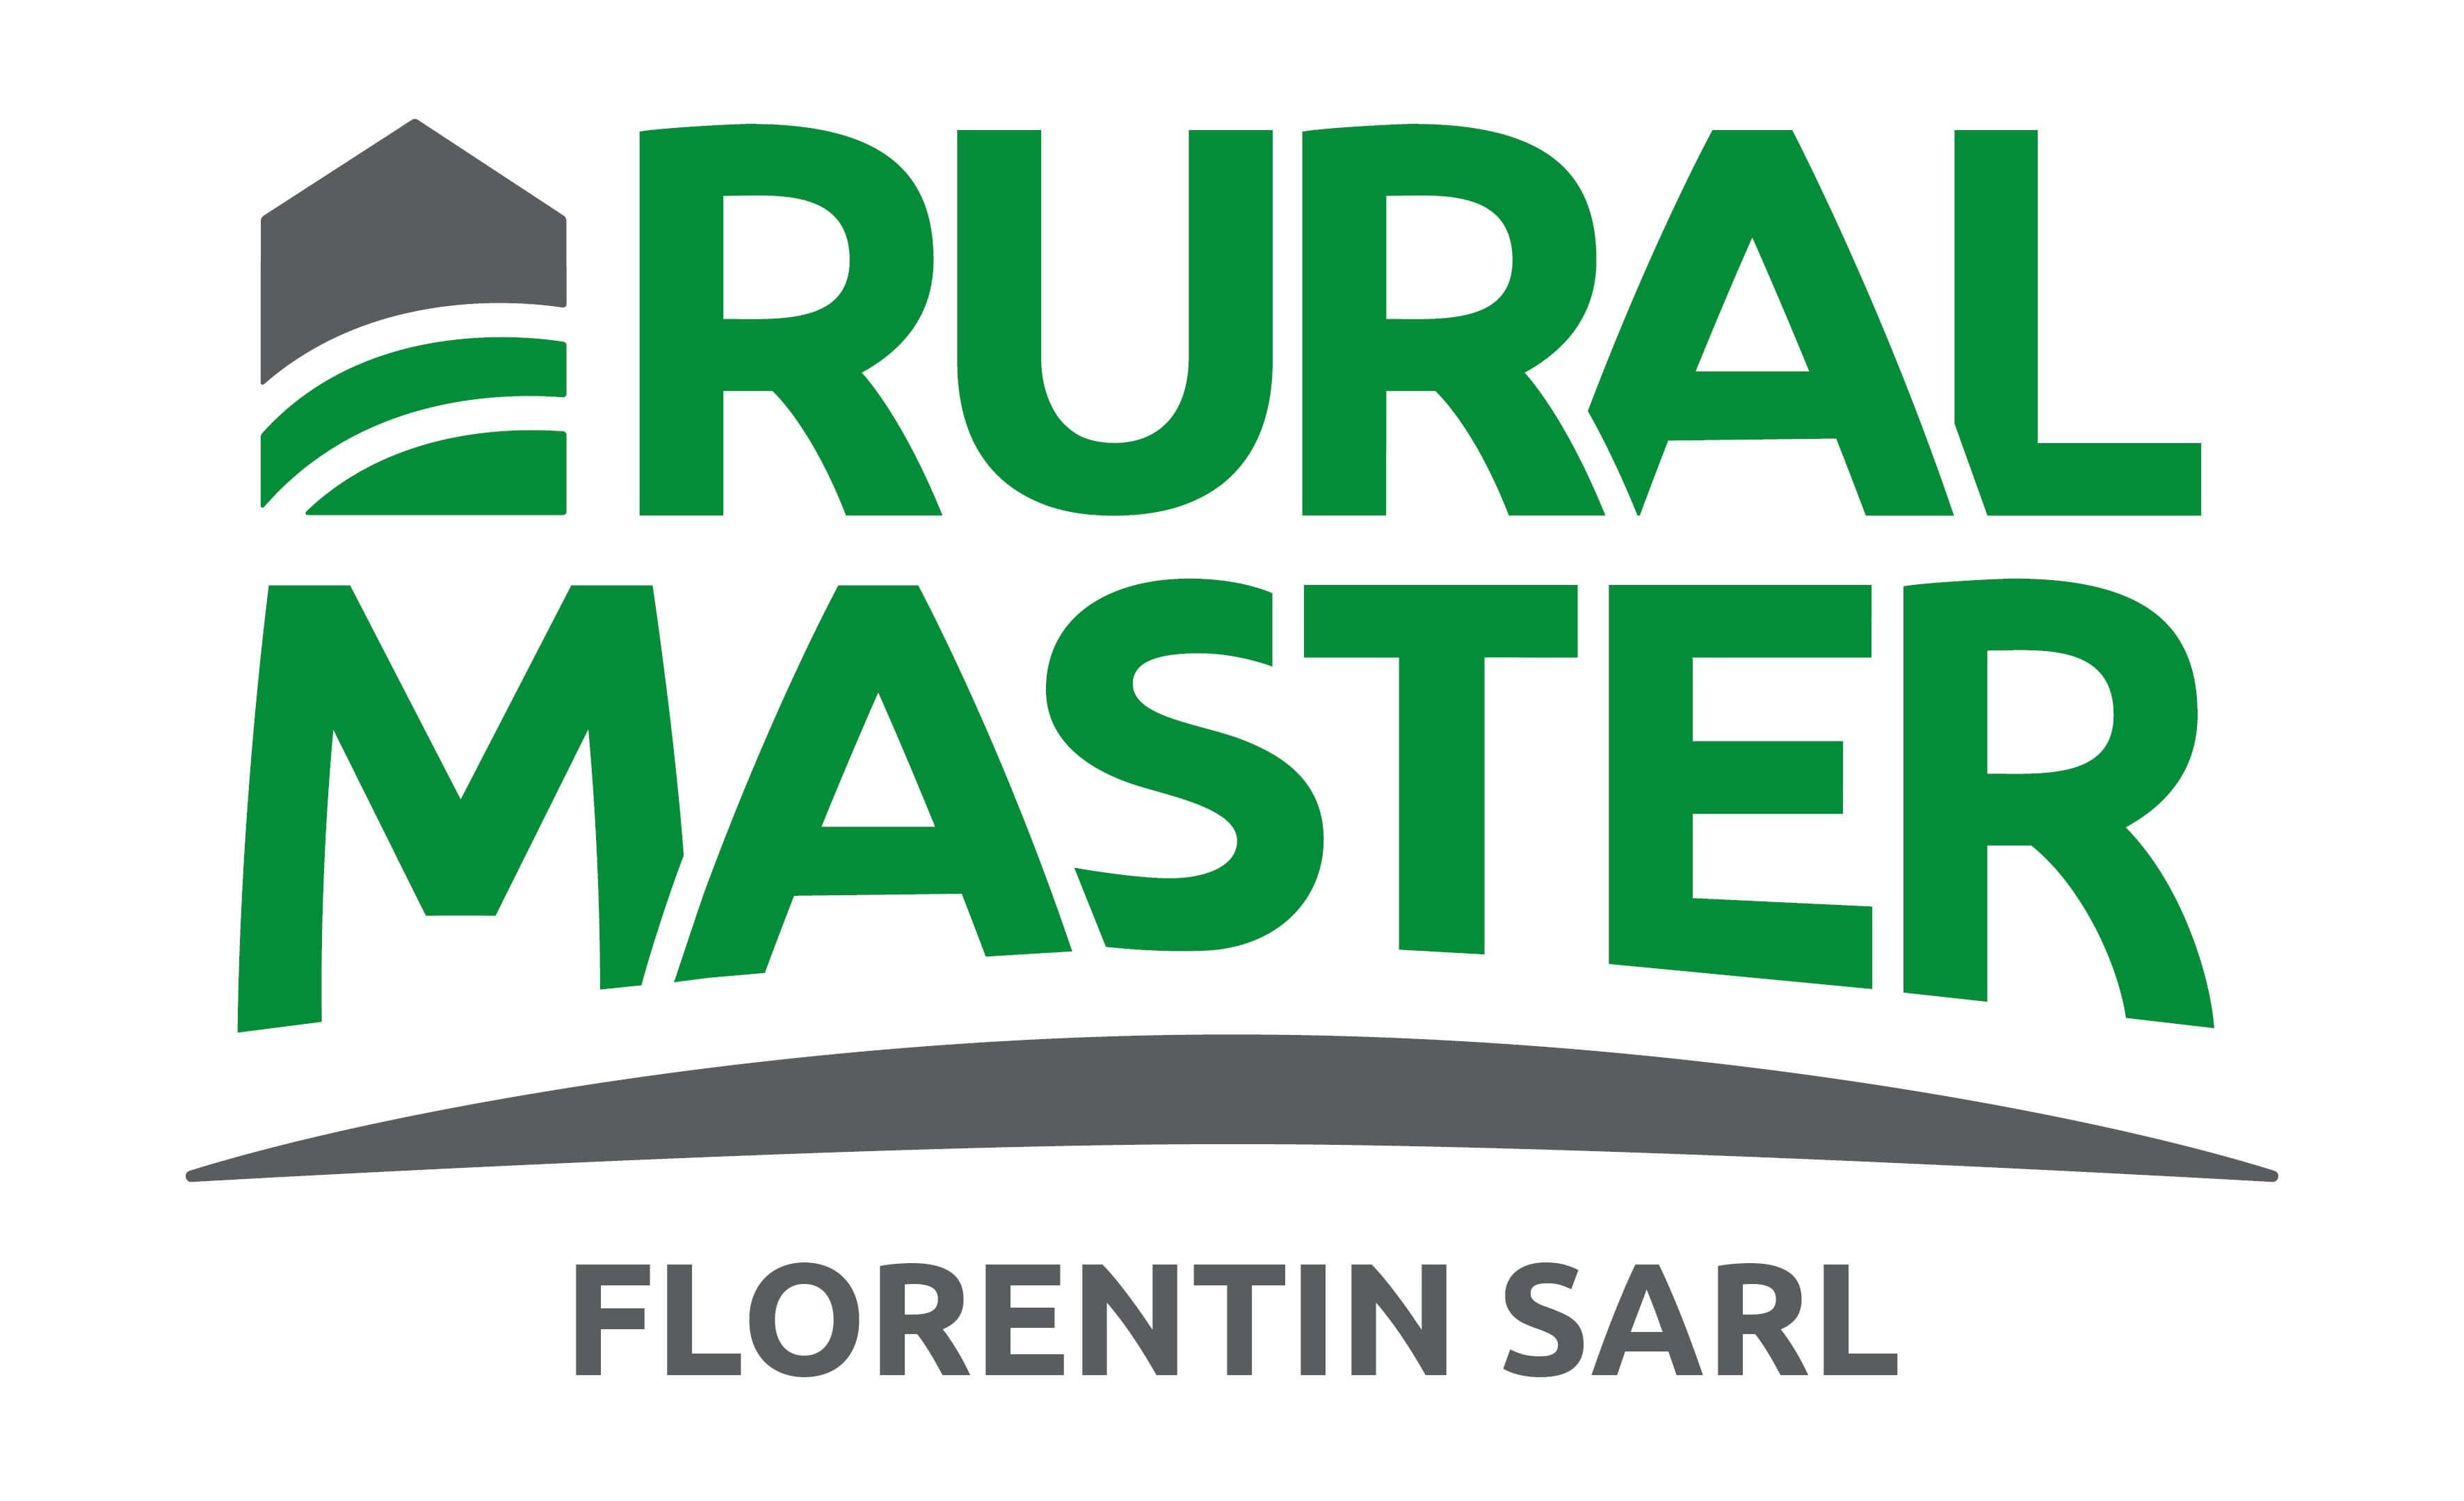 Rural Master GANNAT - FLORENTIN